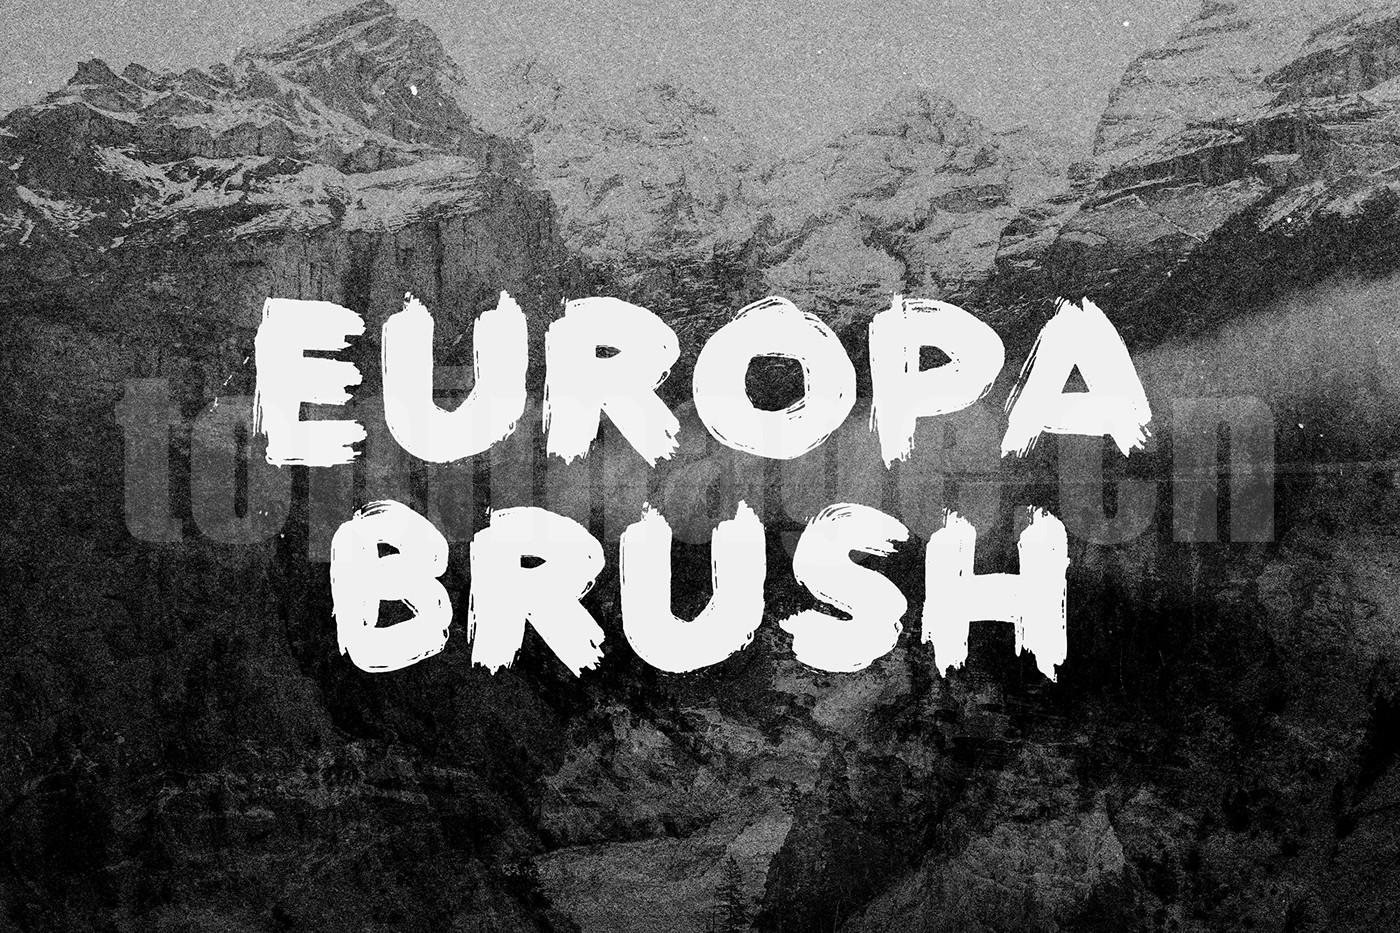 Europa手绘书法英文字体艺术笔刷下载